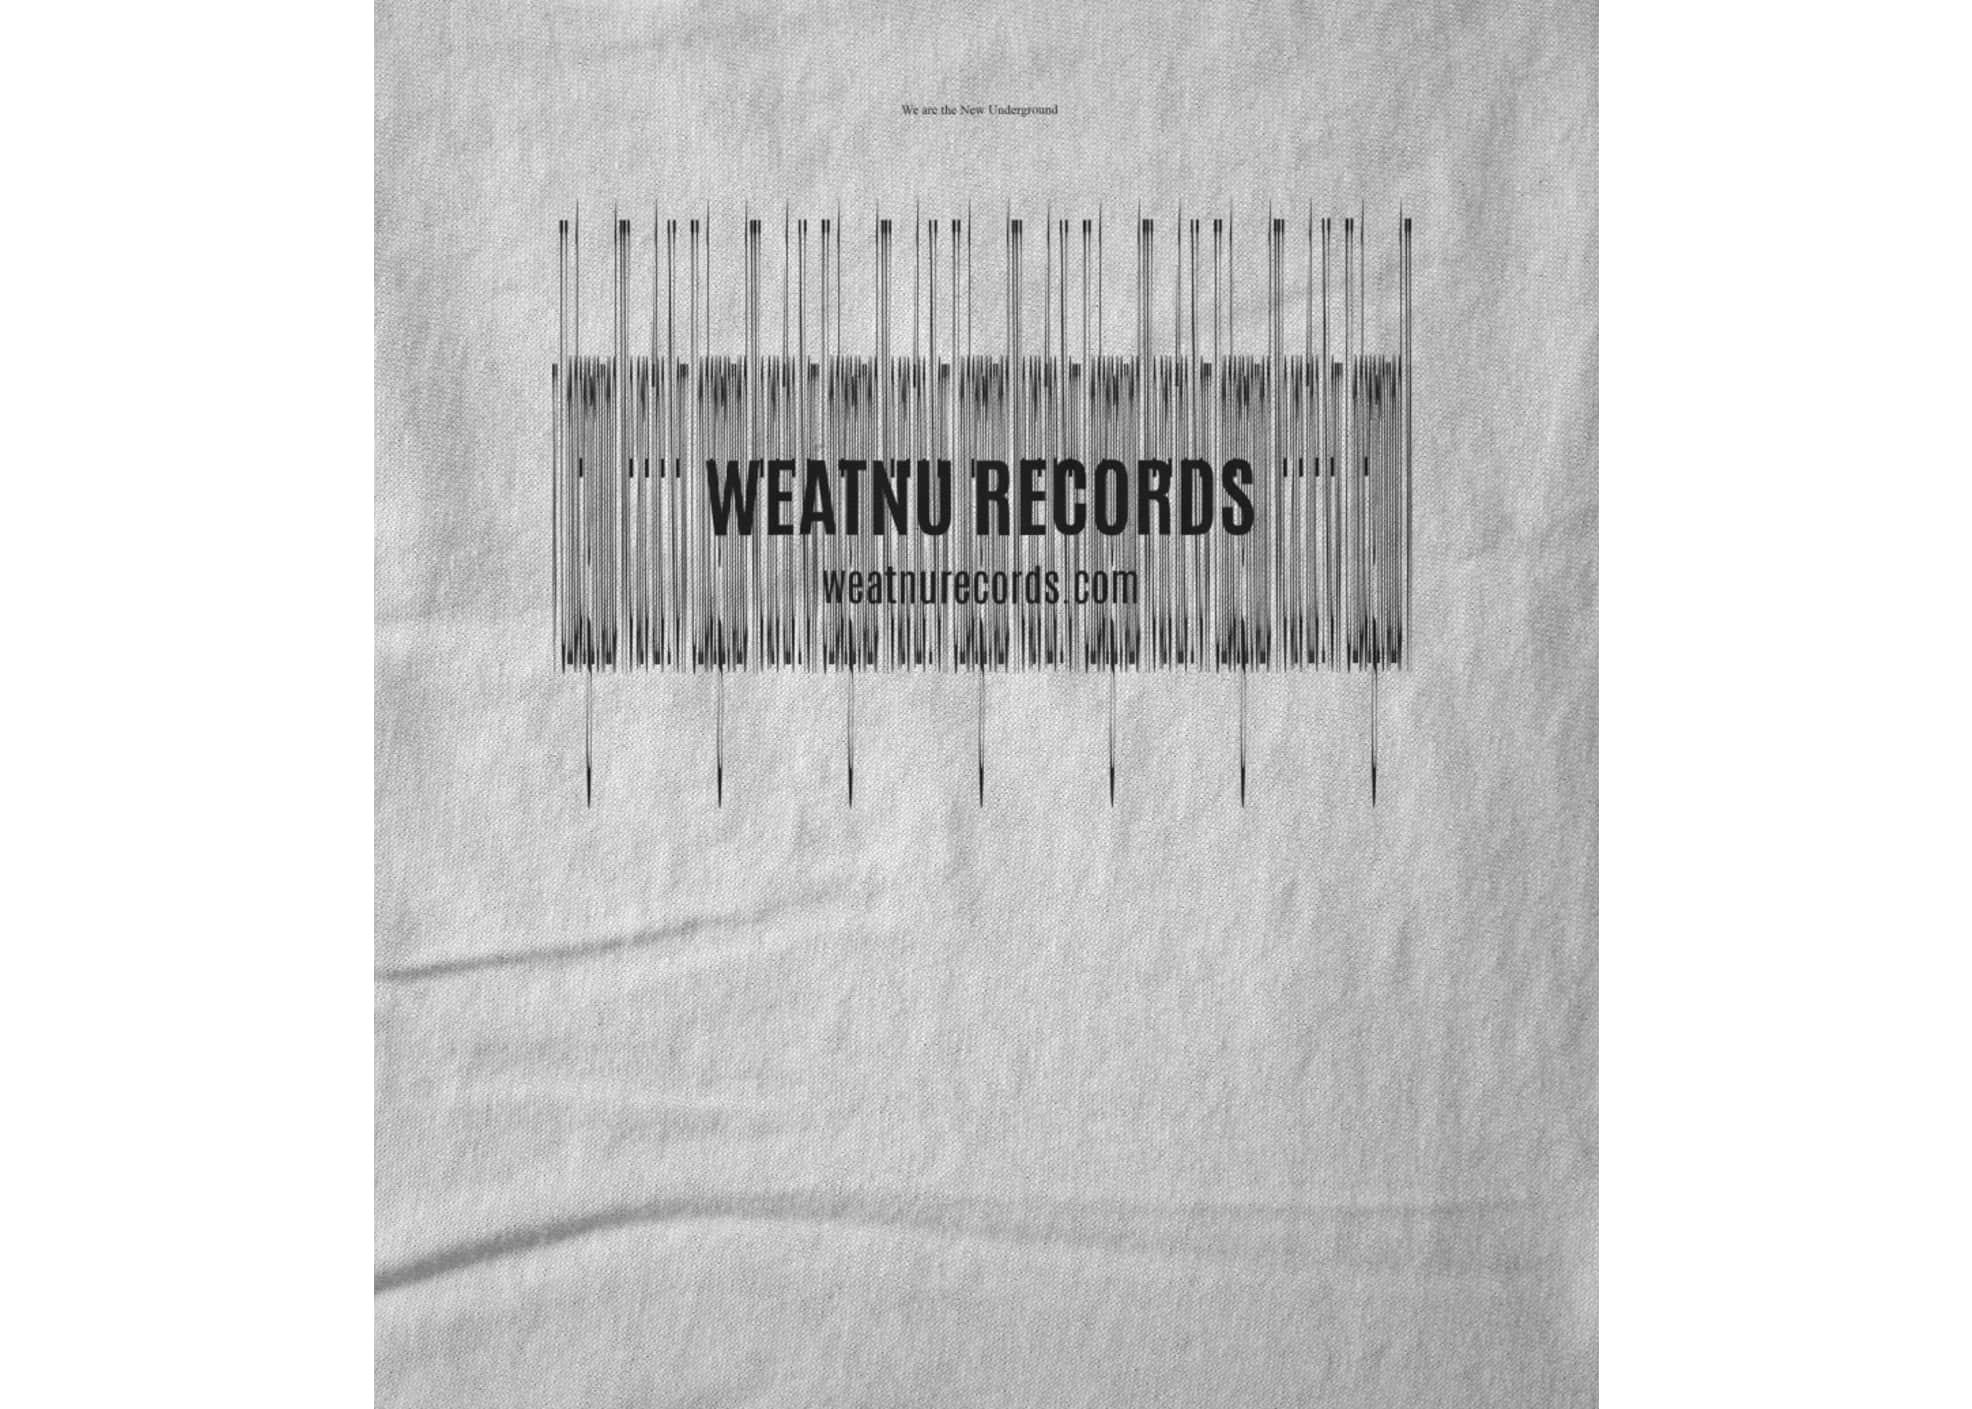 Weatnu records weatnu records  concept  1534533729